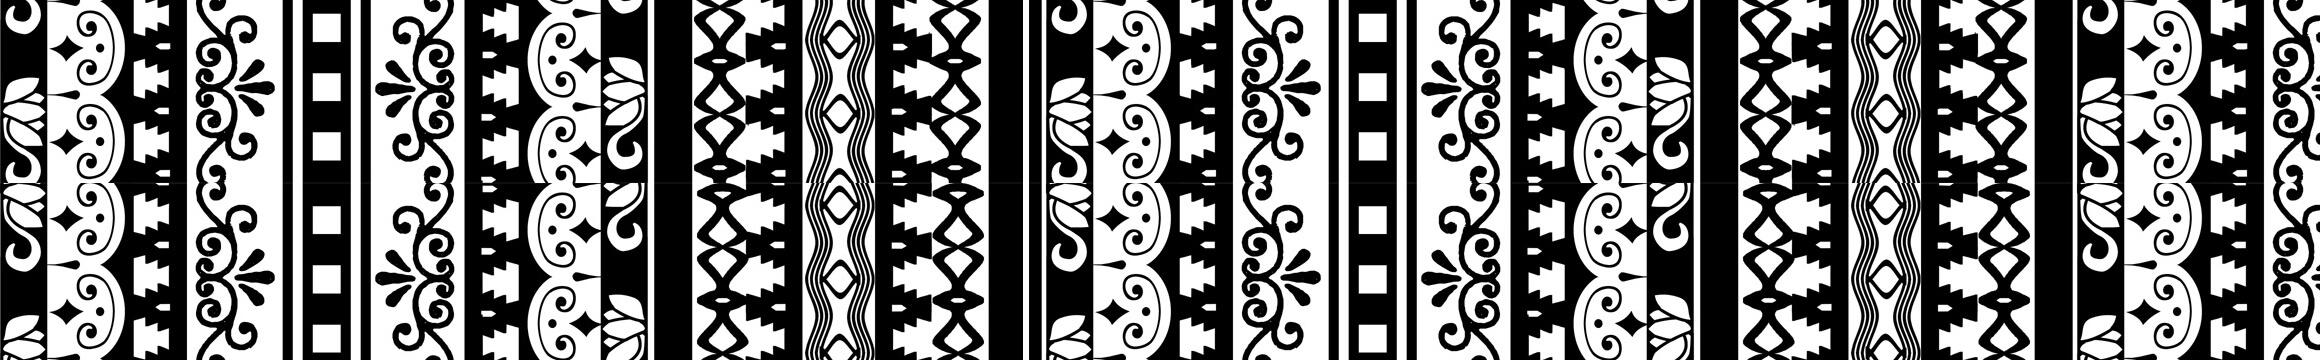 Black White 04